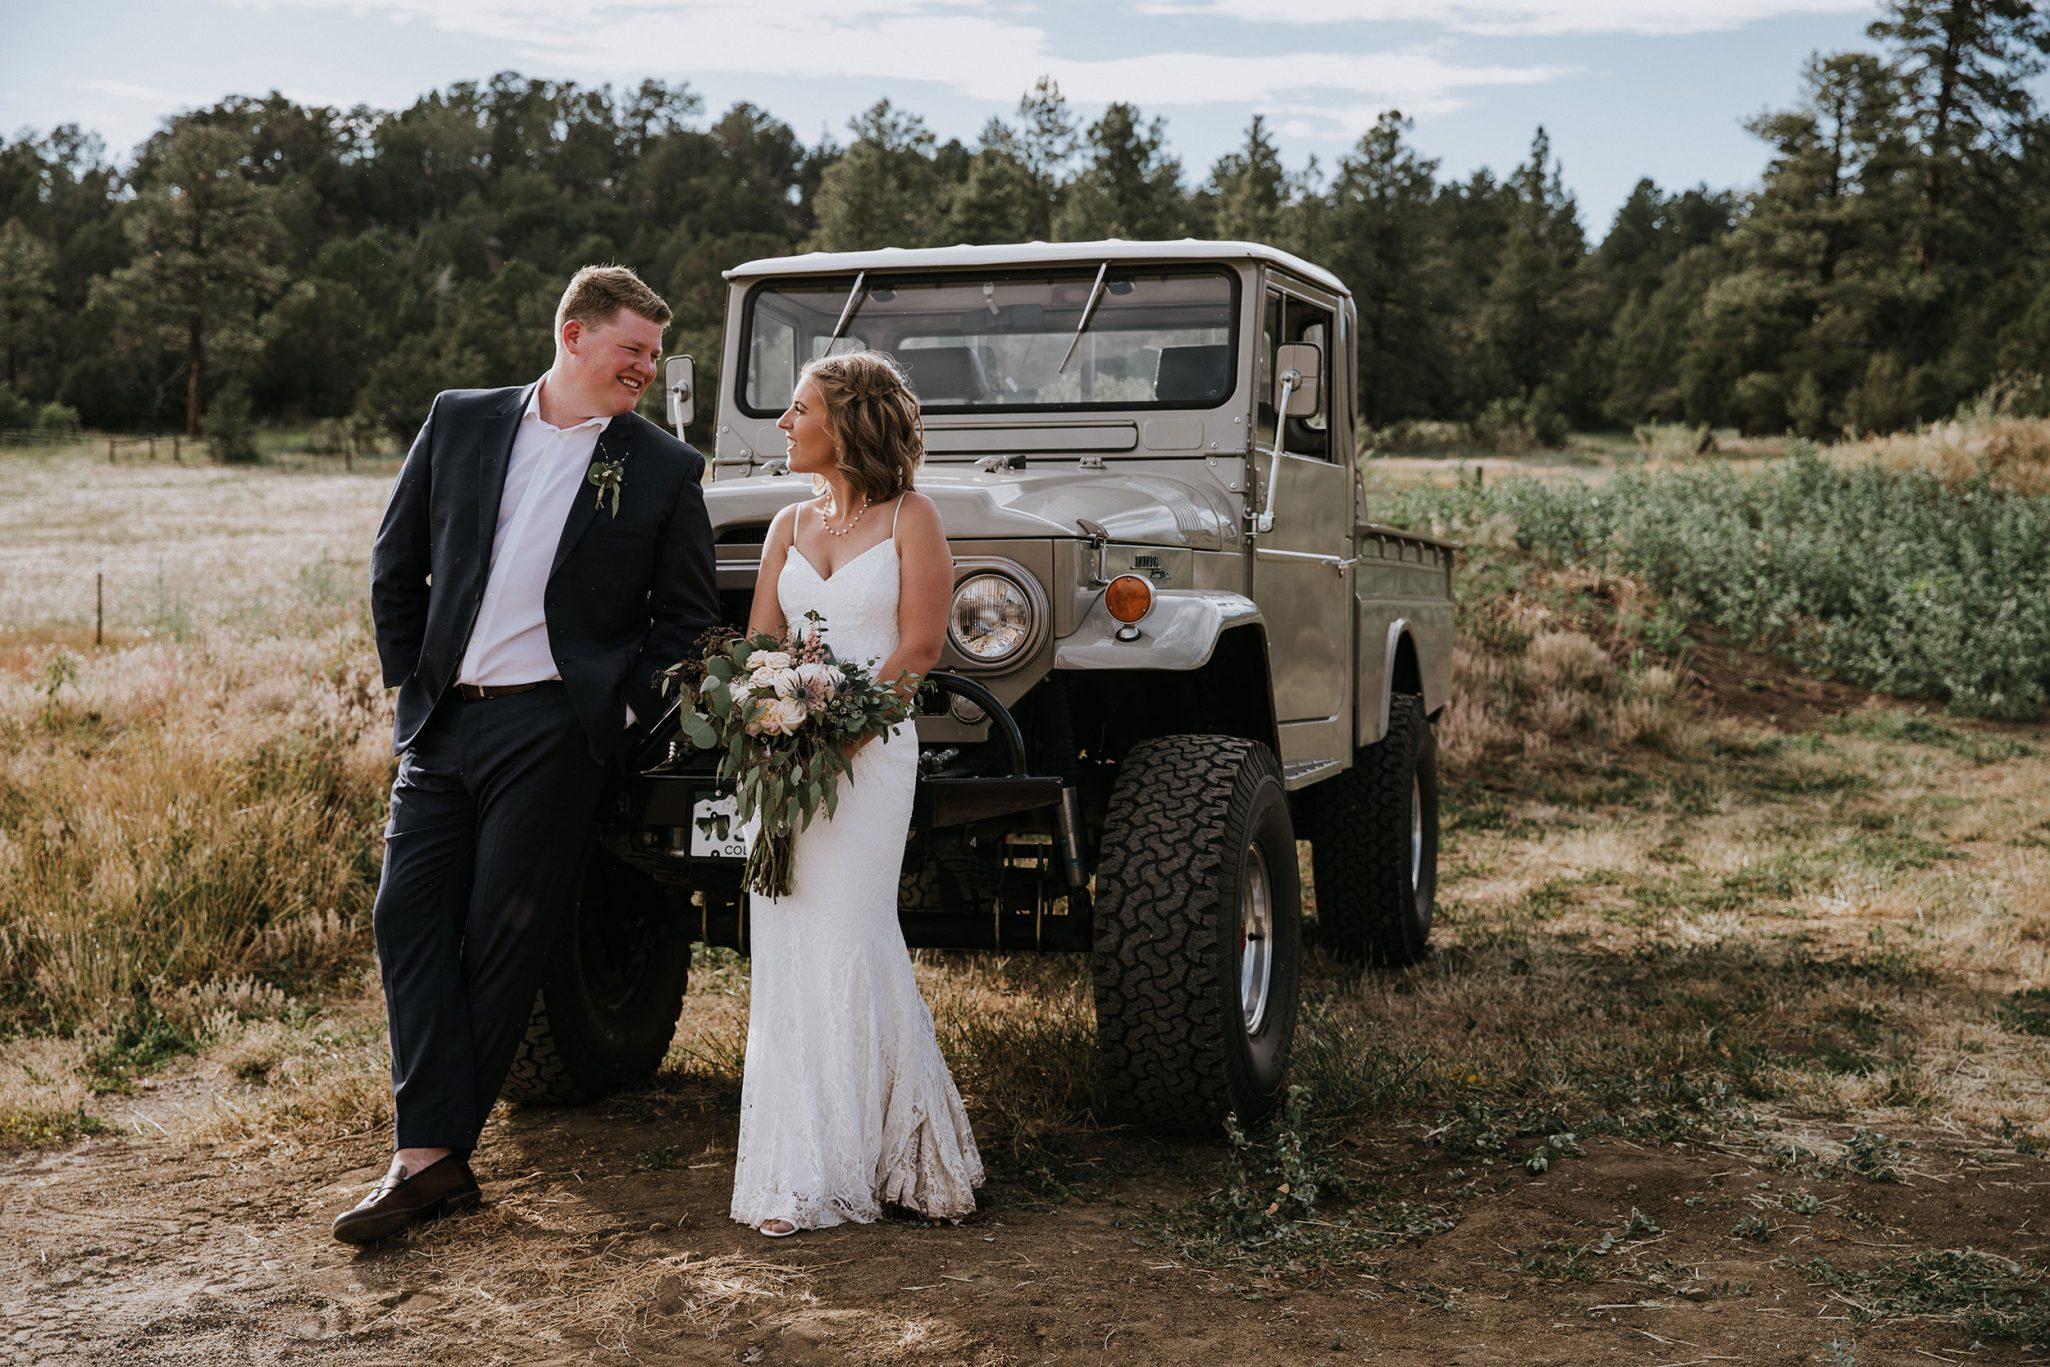 Bride + Groom at Reising stage wedding venue in Durango, Colorado